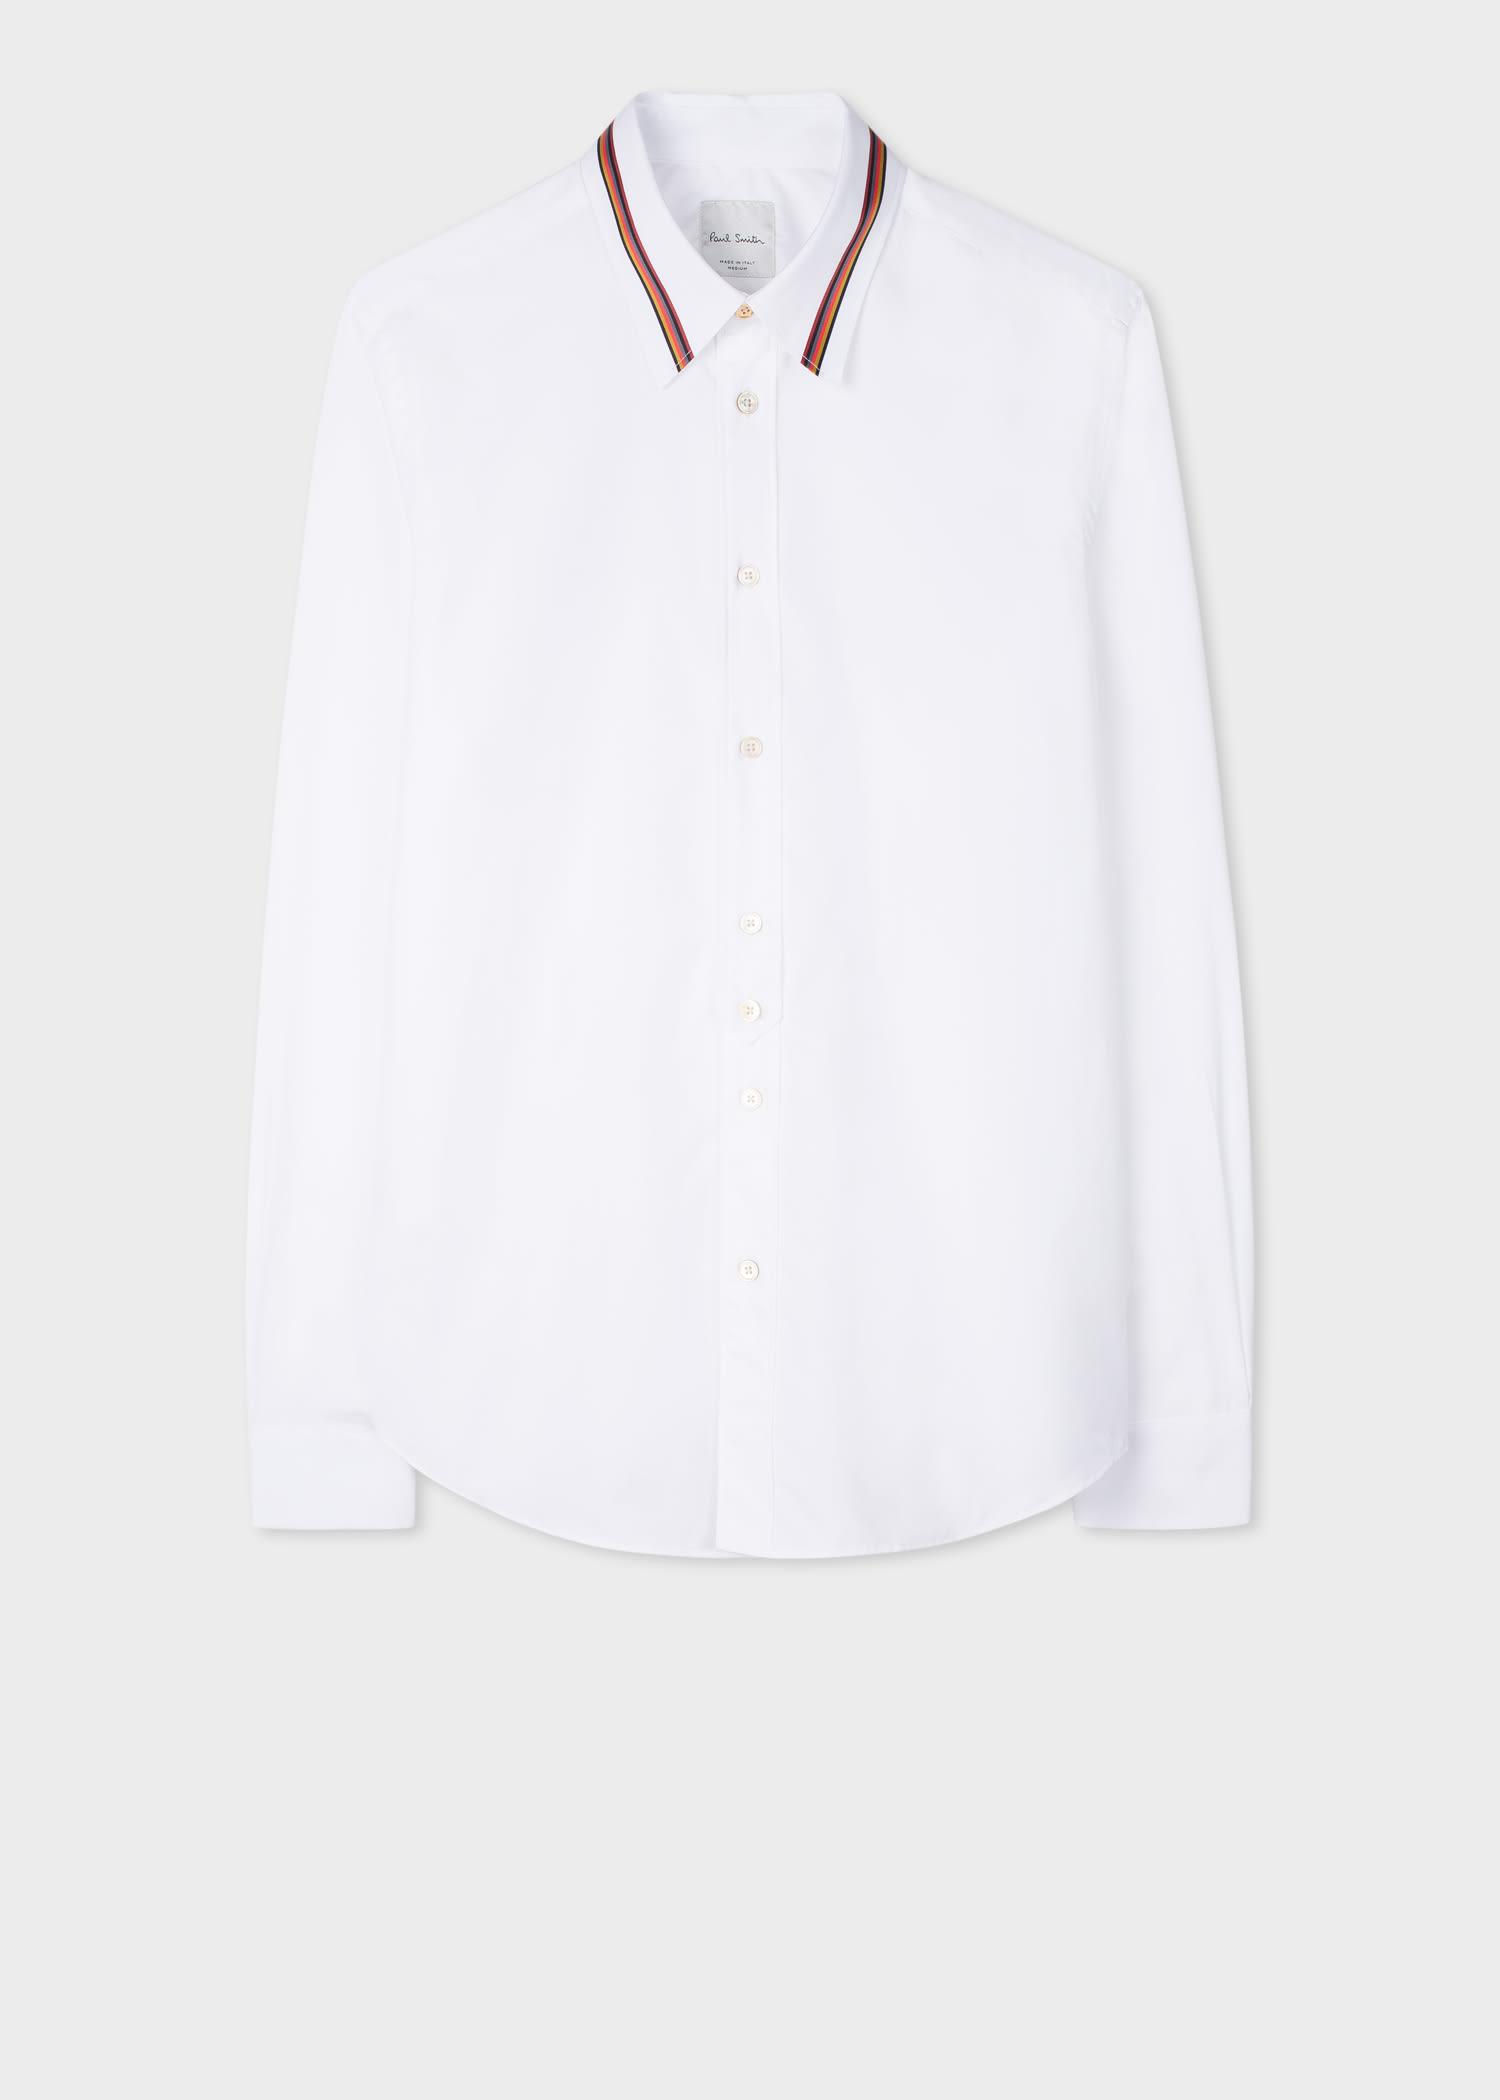 폴 스미스 드레스 셔츠 Paul Smith Mens Slim-Fit White Cotton Shirt With Artist Stripe Collar Detail